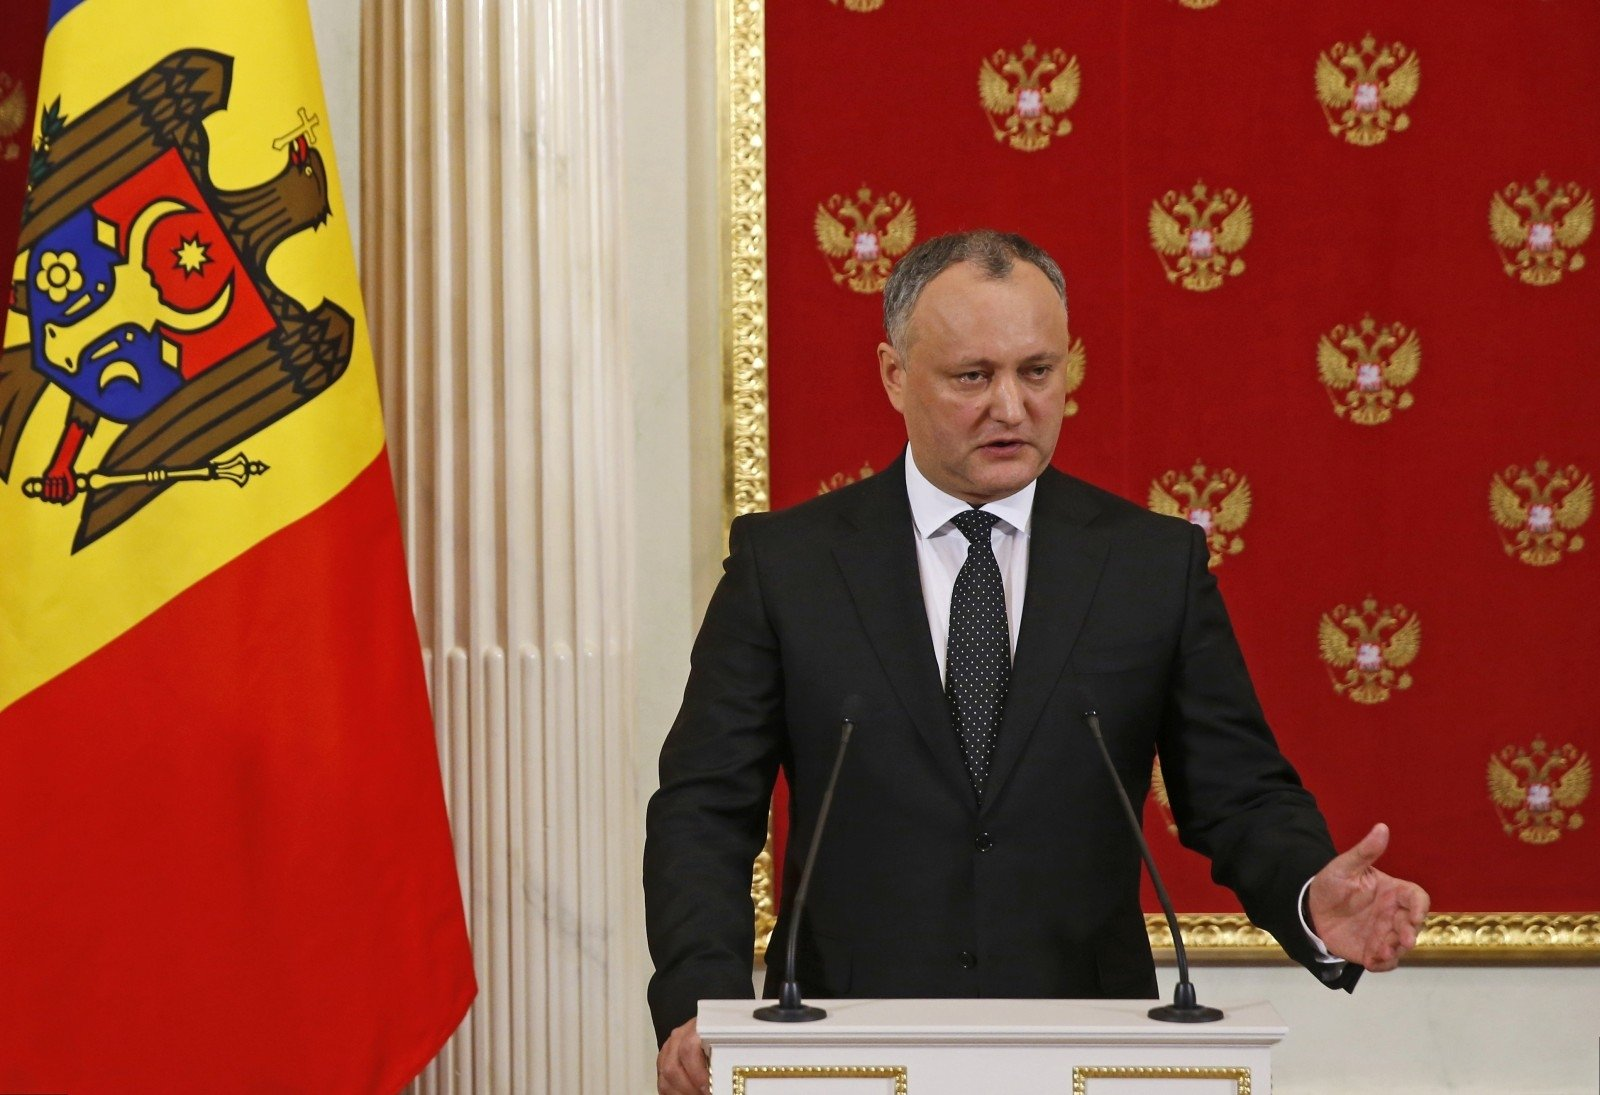 Додон едет вБрюссель диктовать Еврокомиссии условия народа Молдавии